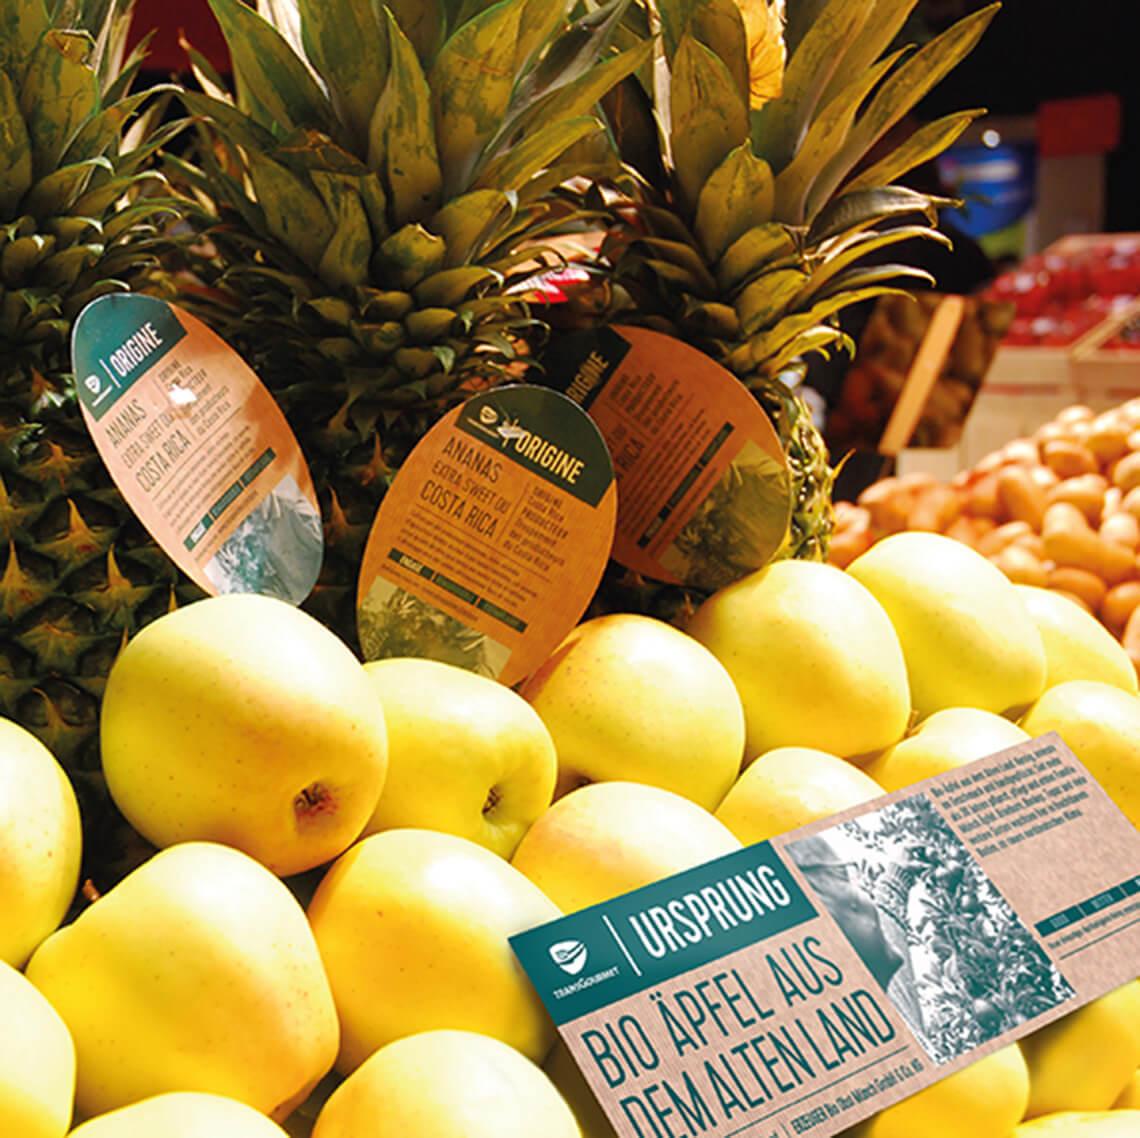 Transgourmet Origine Etiketten Aepfel Ananas